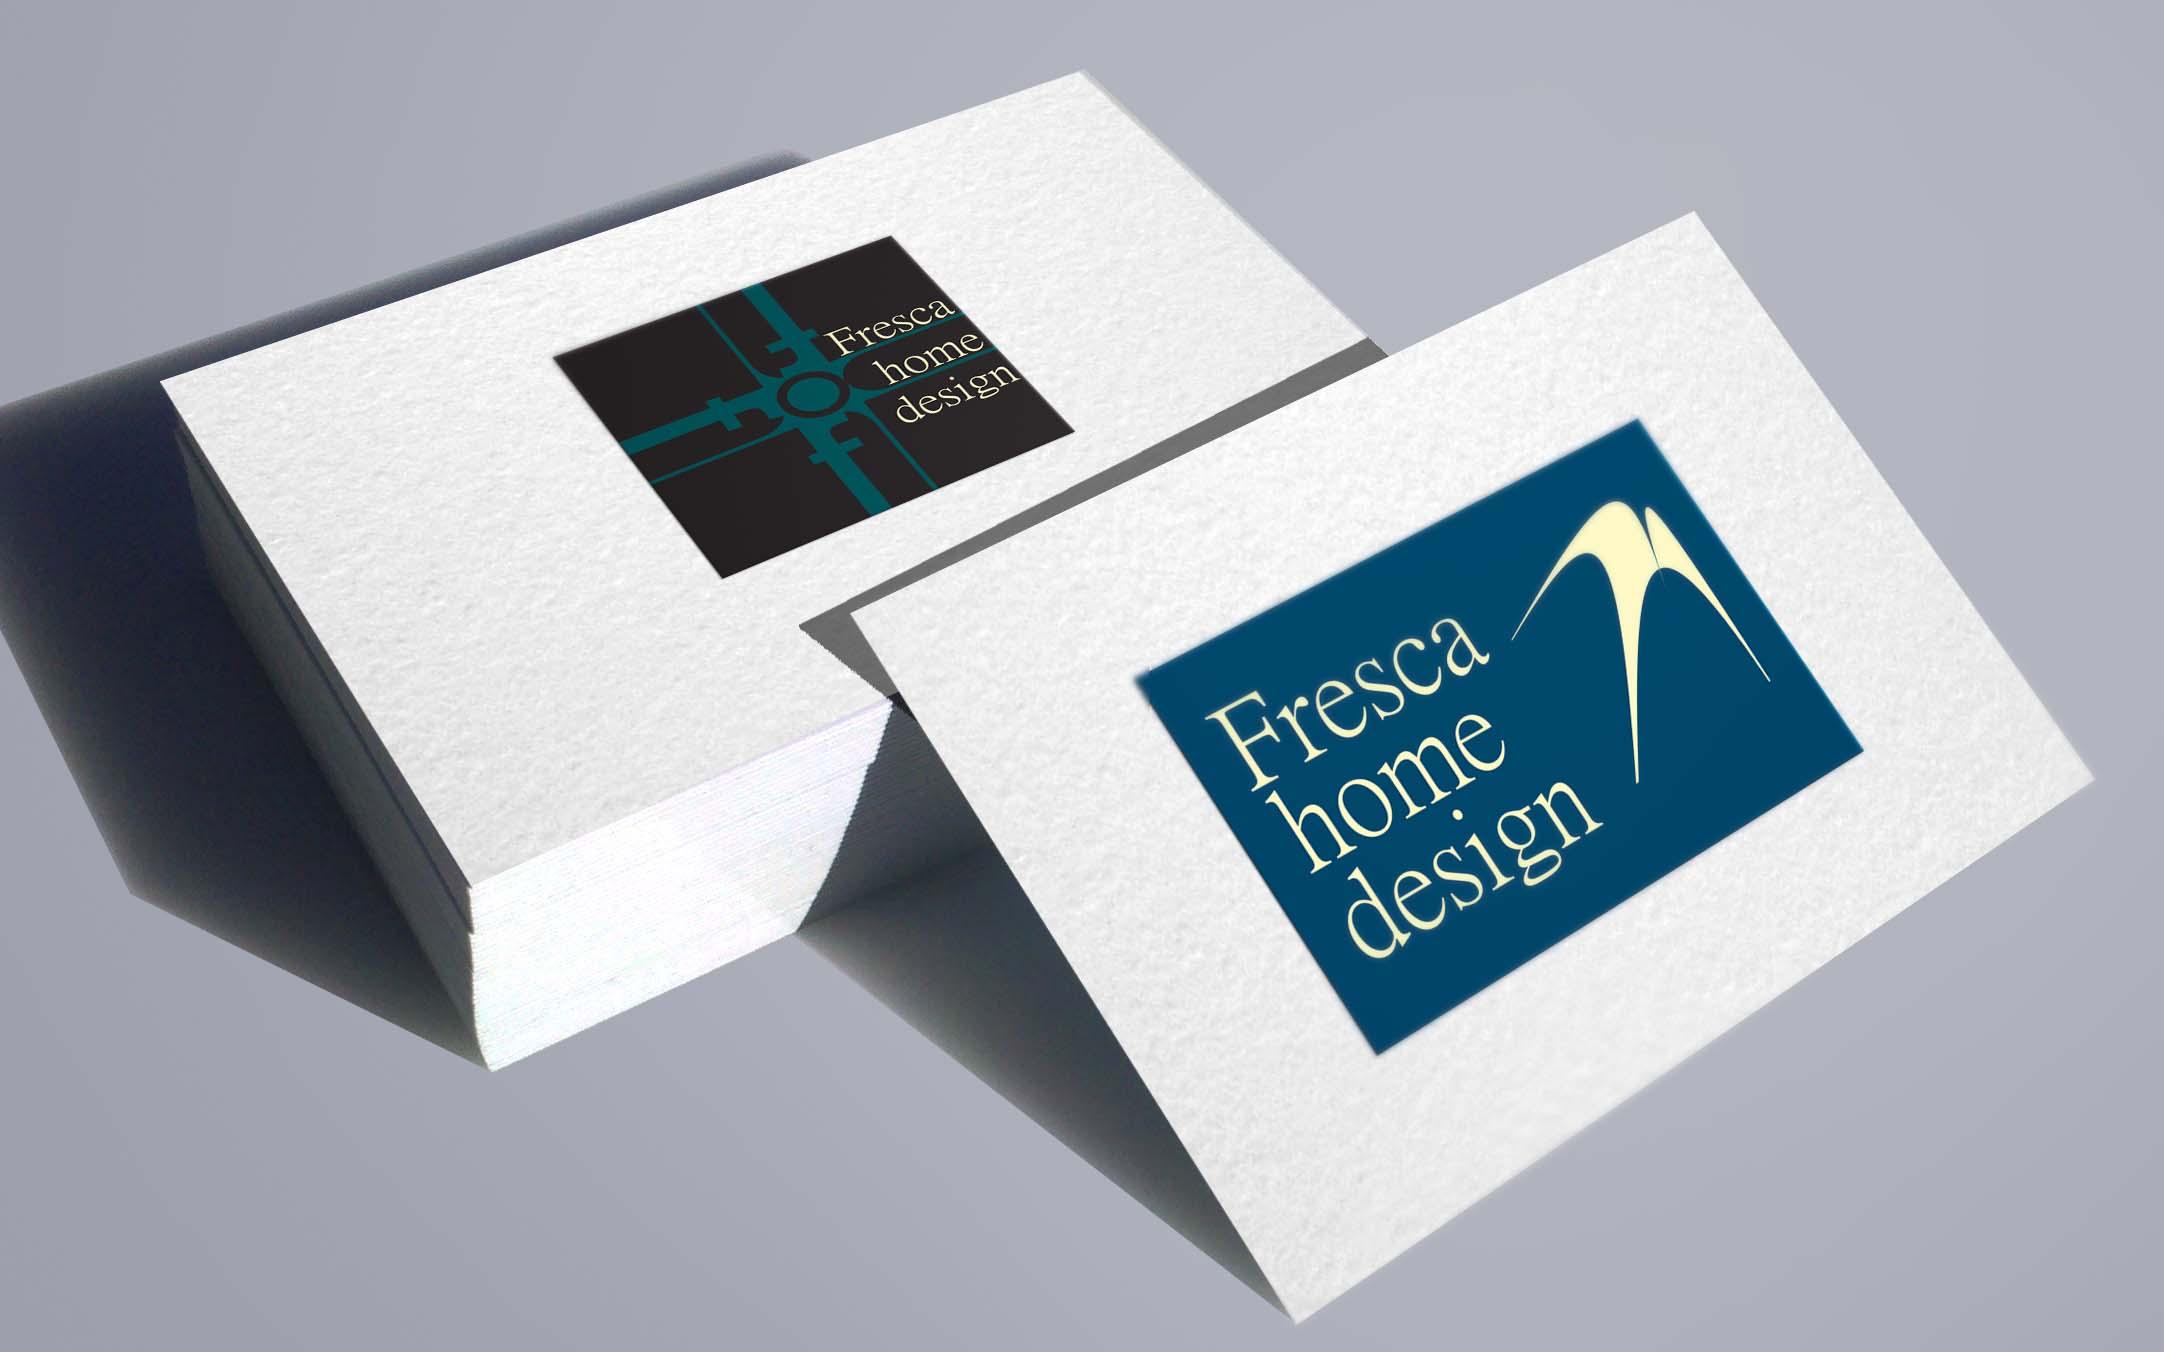 Разработка логотипа и фирменного стиля  фото f_2335a9fb1e105b16.jpg